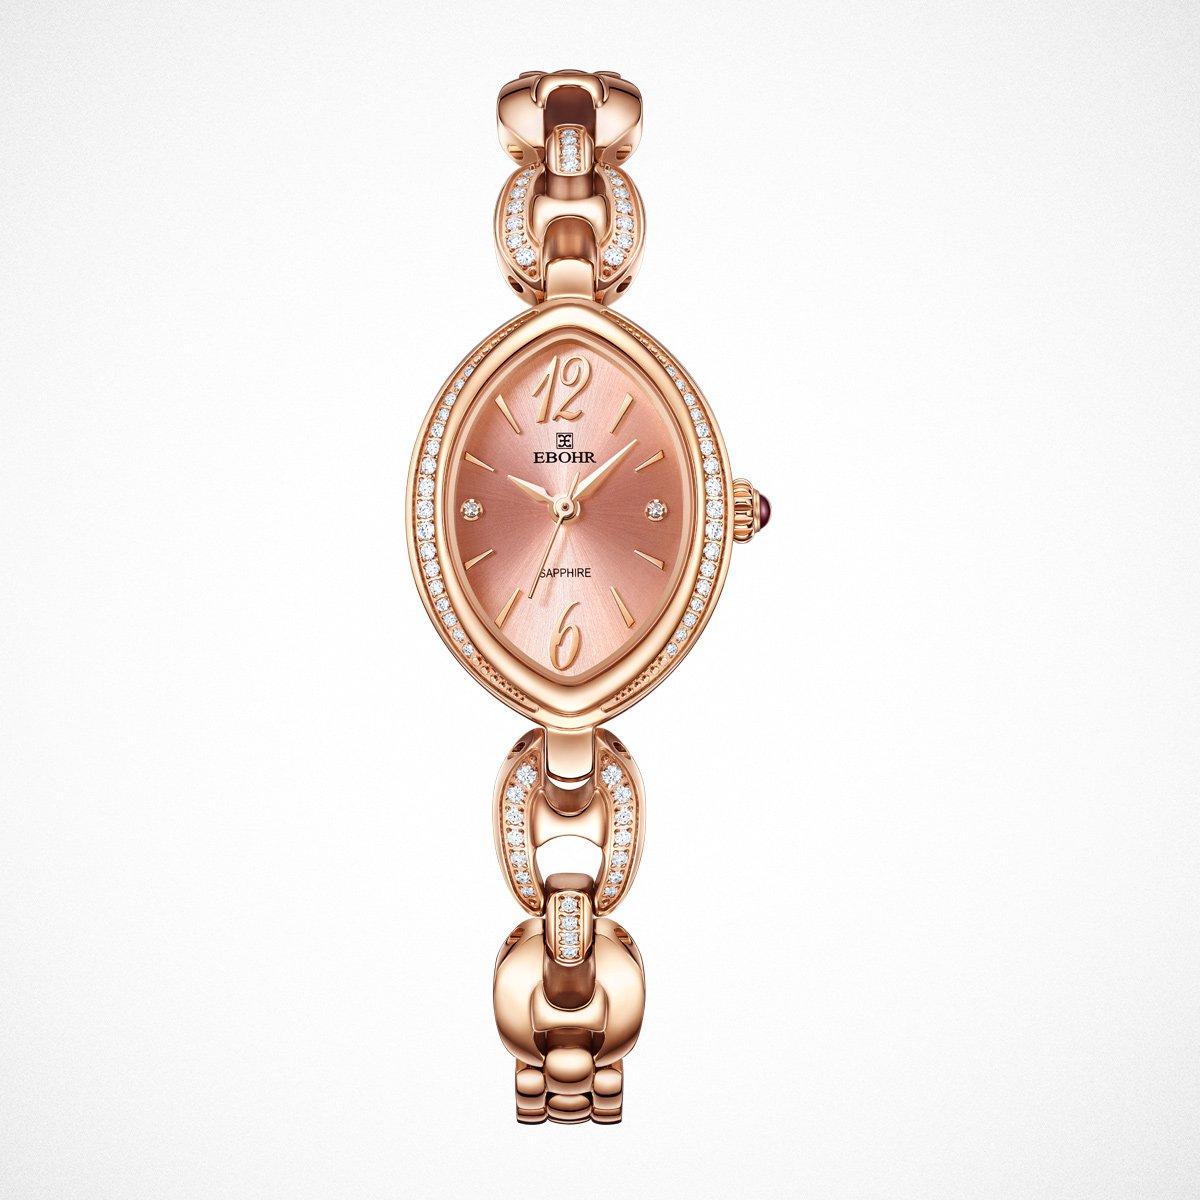 依波依波专柜新品正品优雅手链式女士手表钢带女表进口石英机芯EB1706-0127L